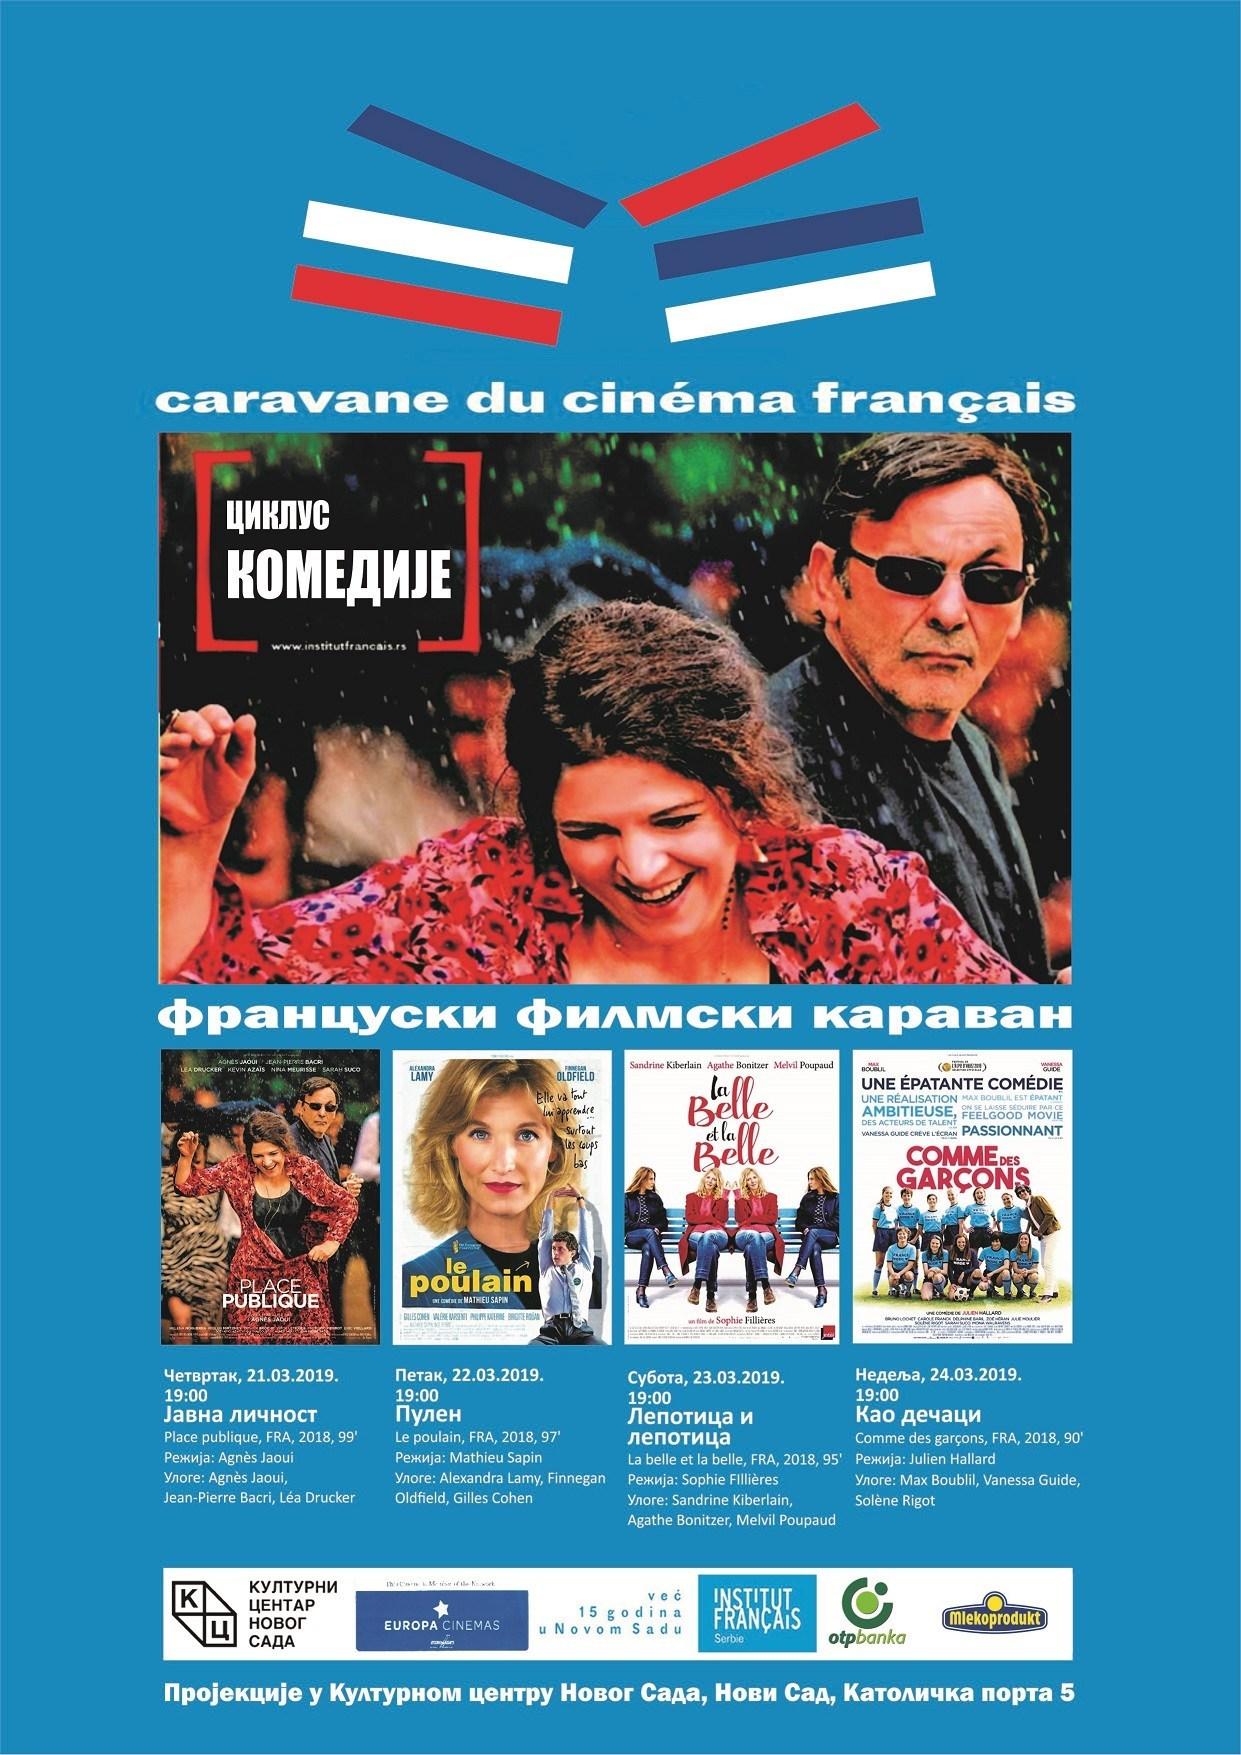 FRANCUSKI FILMSKI KARAV STIŽE U NOVI SAD